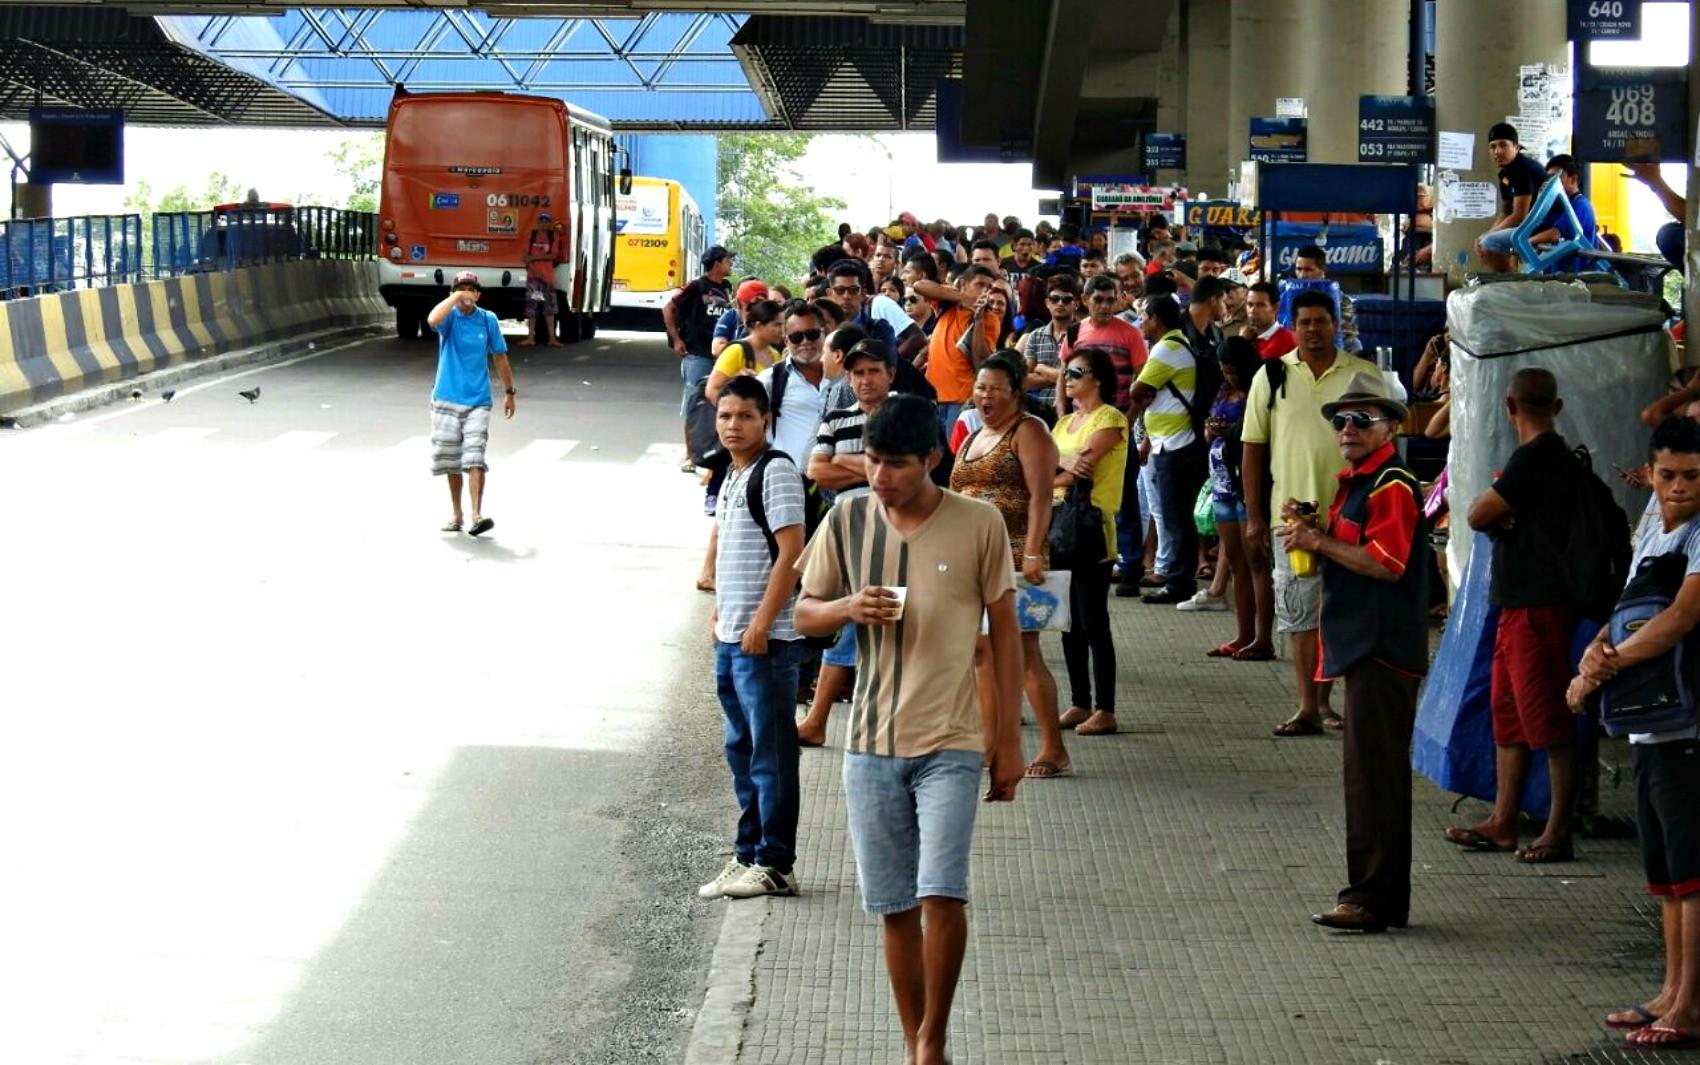 Suspeito de realizar arrastões no T4, em Manaus, morre em troca de tiros com polícia e outros três são presos - Notícias - Plantão Diário